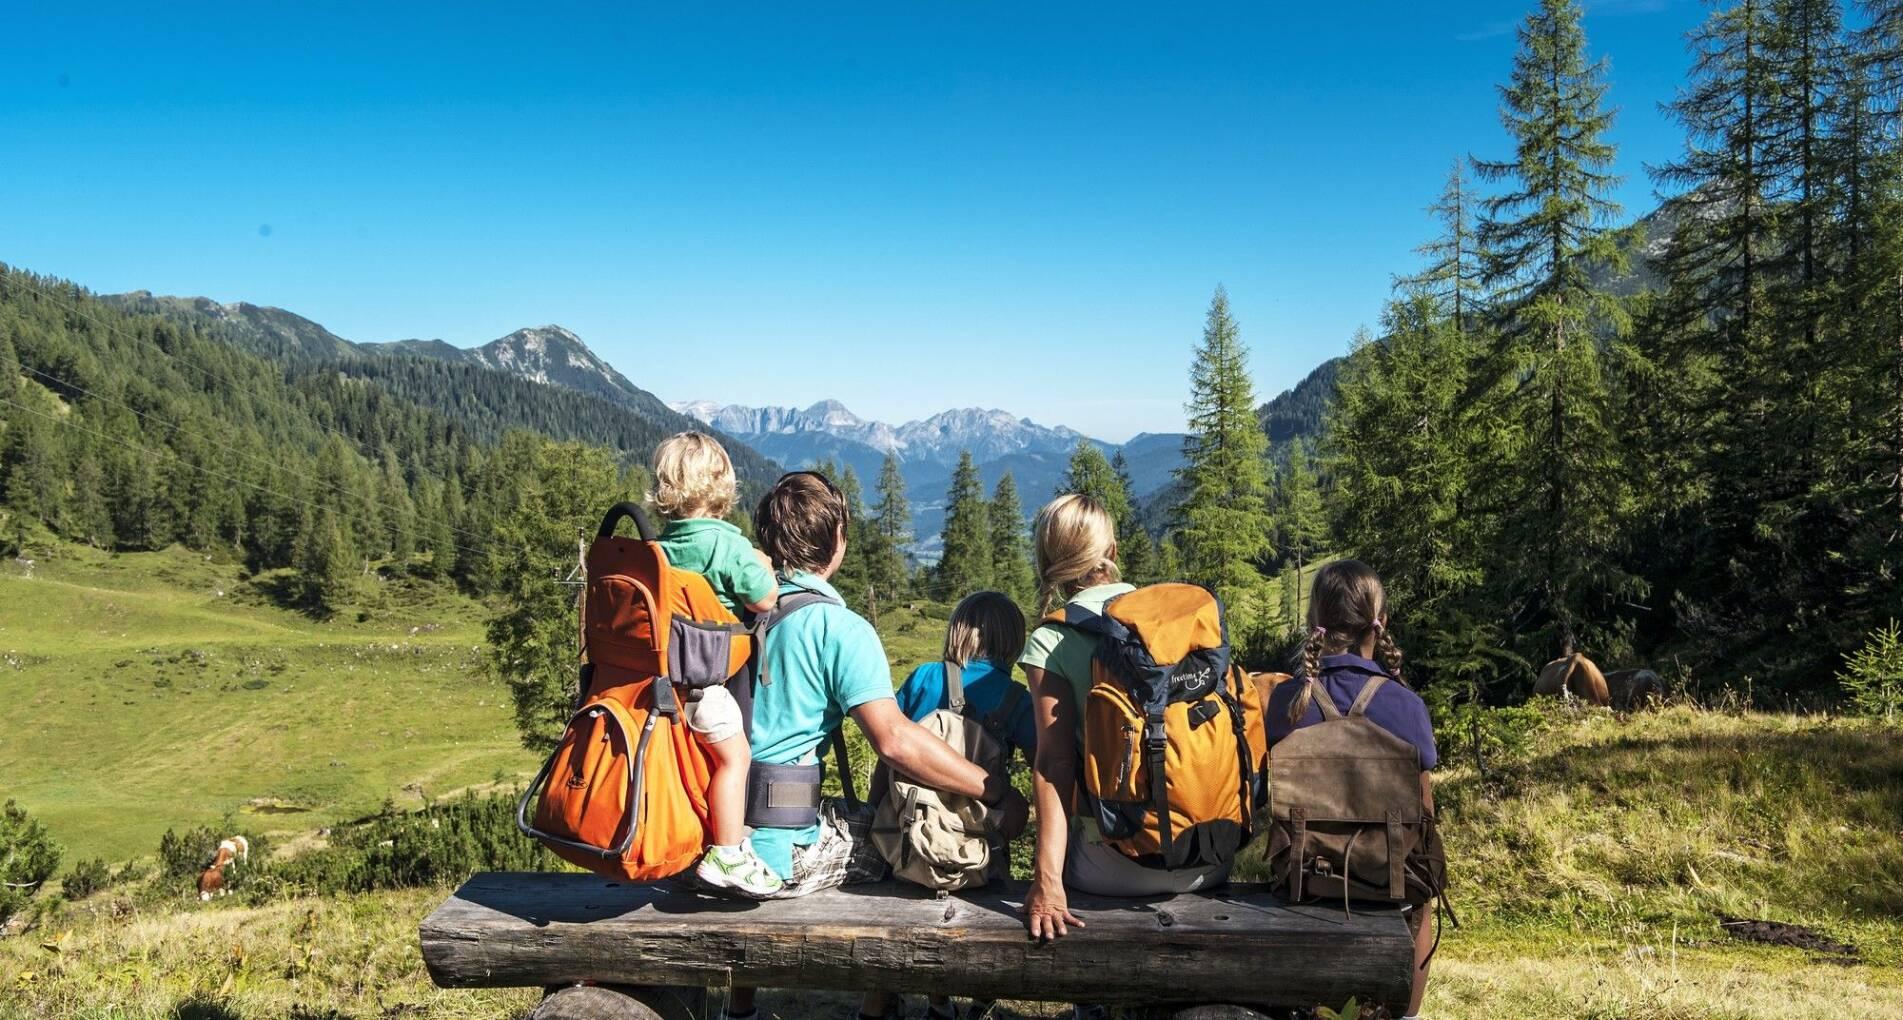 Huttentocht voor gezinnen in het koninklijke Lechtal - Oostenrijk - 1